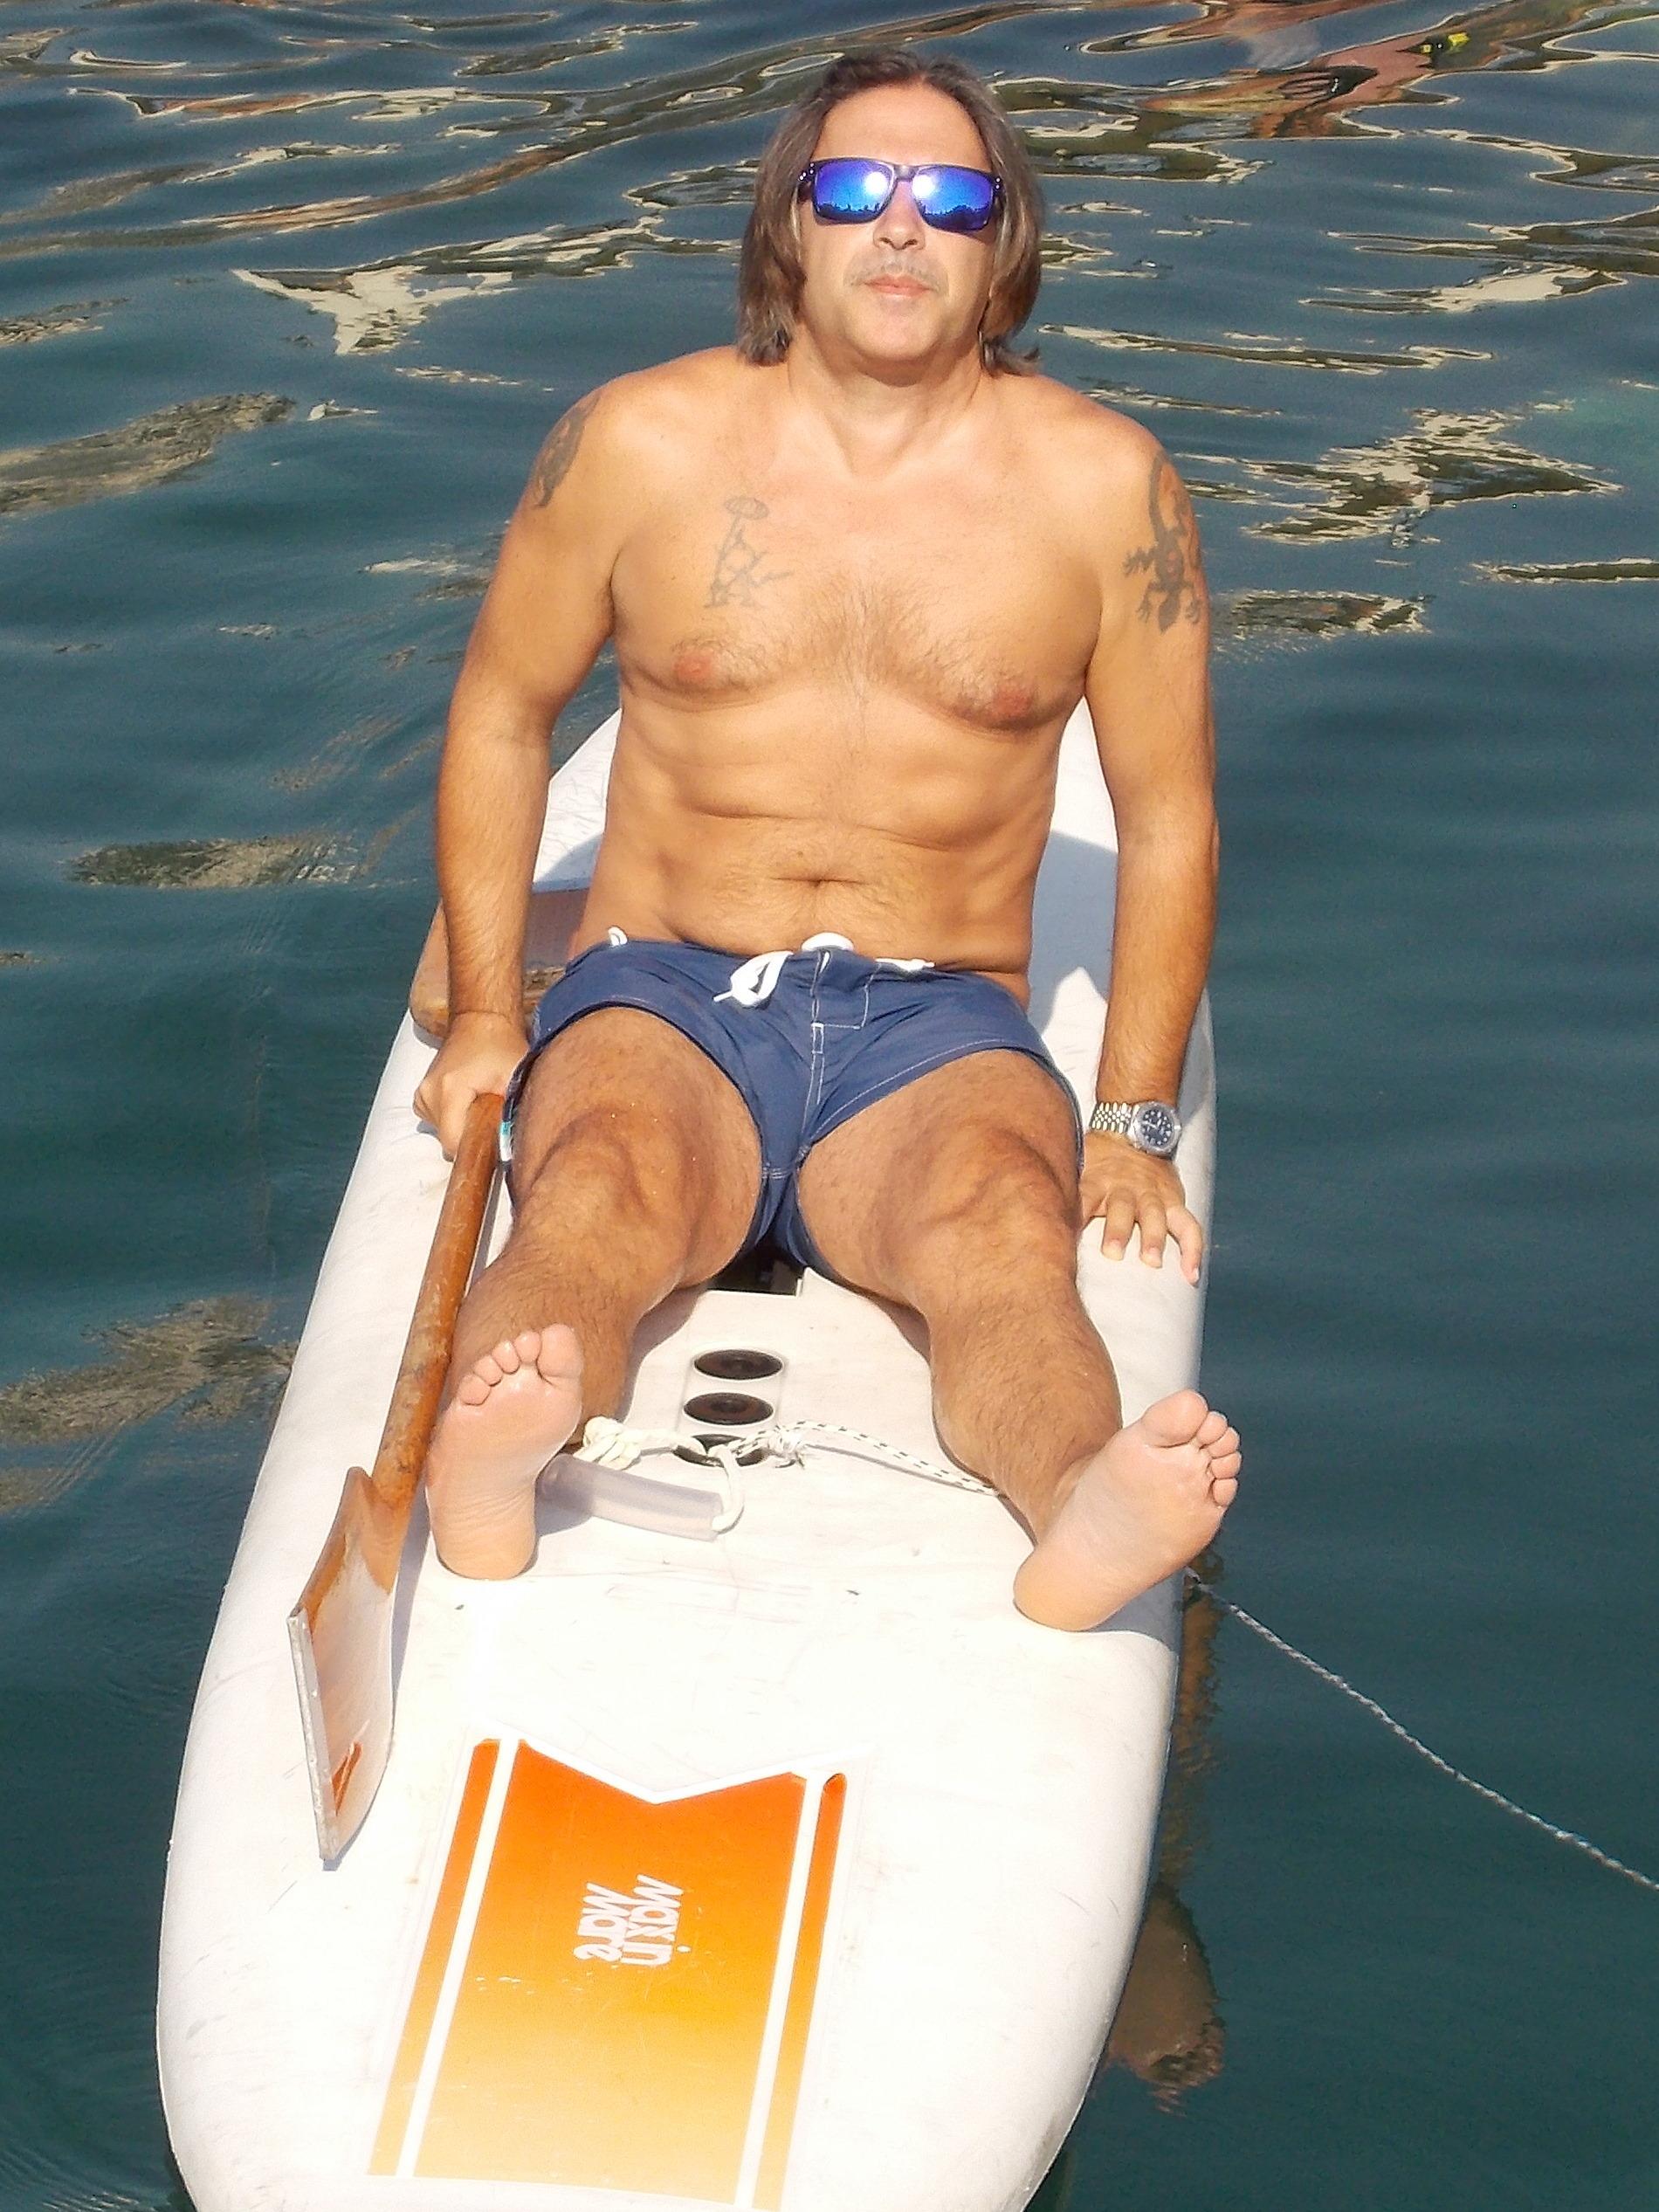 Maurizio Scuderi - 47 anni - Avvocato - Mio atleta di pallavolo e mio alunno al Cutelli nei primi anni '80, ci siamo rincontrati, dopo quasi 30 anni, grazie a Facebook. Ha accettato, utilizzando l'escursione, di rivederci ed abbiamo avuto la possibilità di un buon amarcord. -INPIENAFORMA-